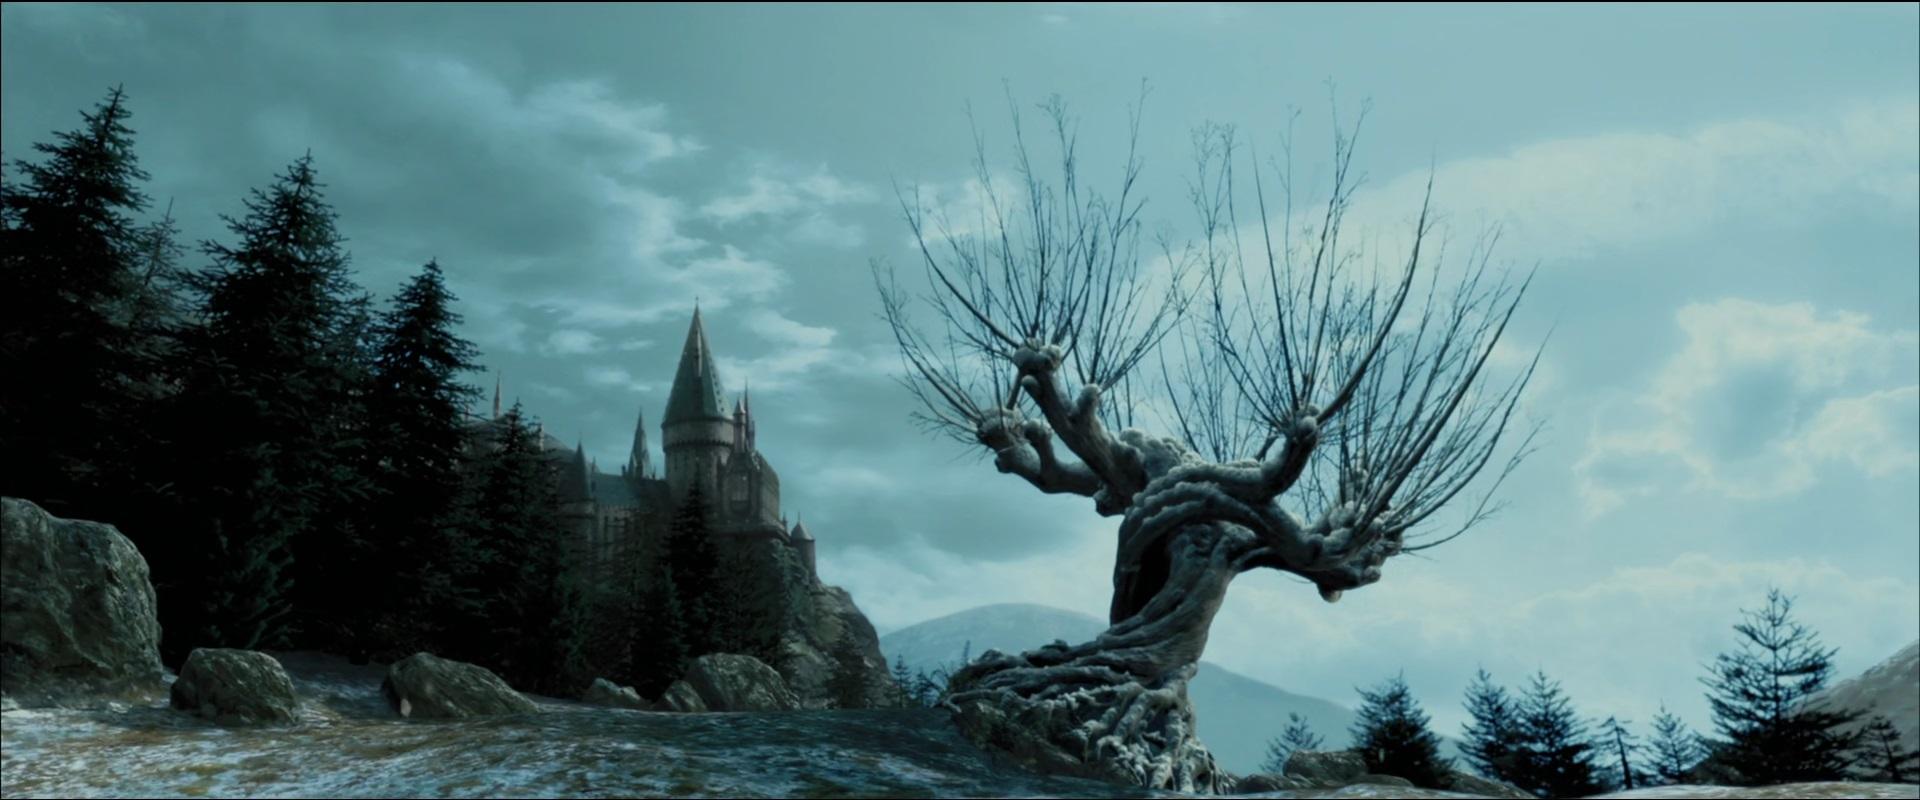 Willowhogwarts.jpg